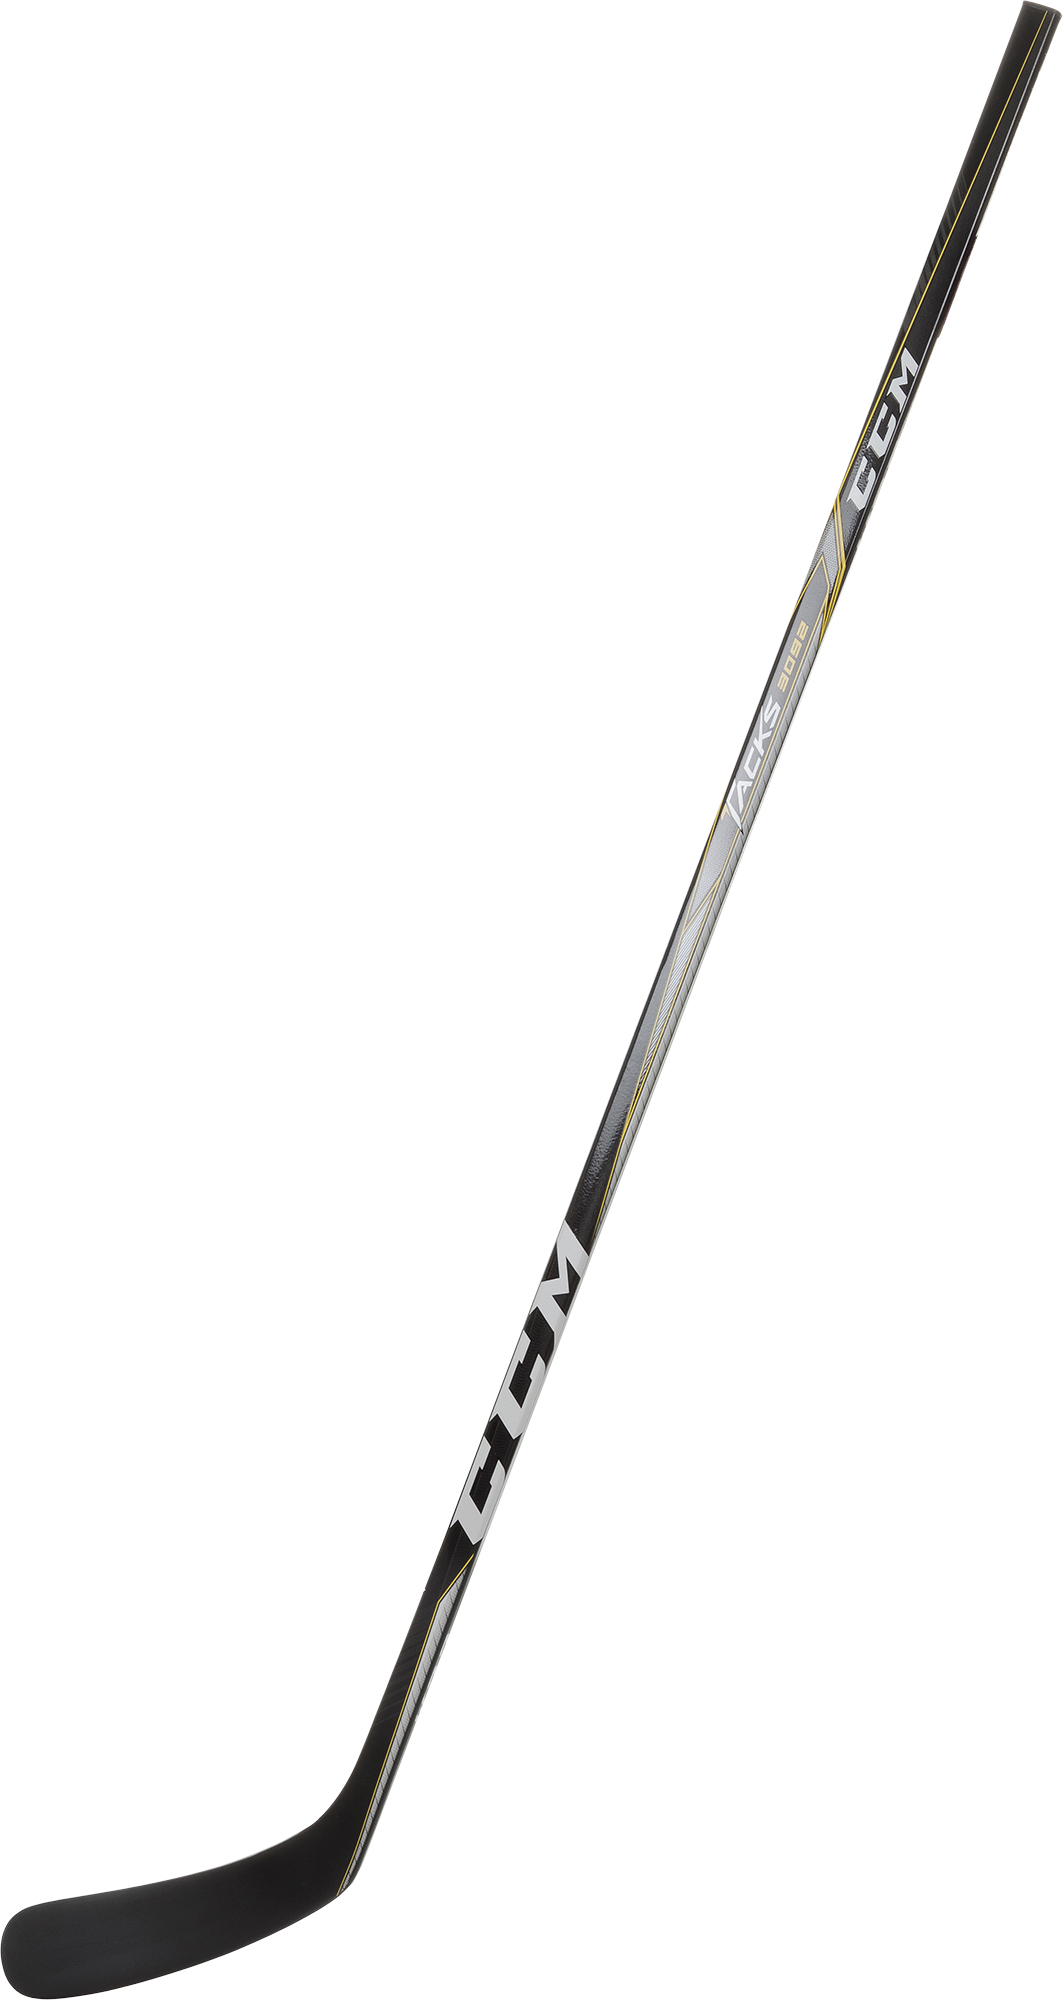 CCM Клюшка хоккейная CCM Tacks 3092, размер R ccm шлем хоккейный ccm tacks 310